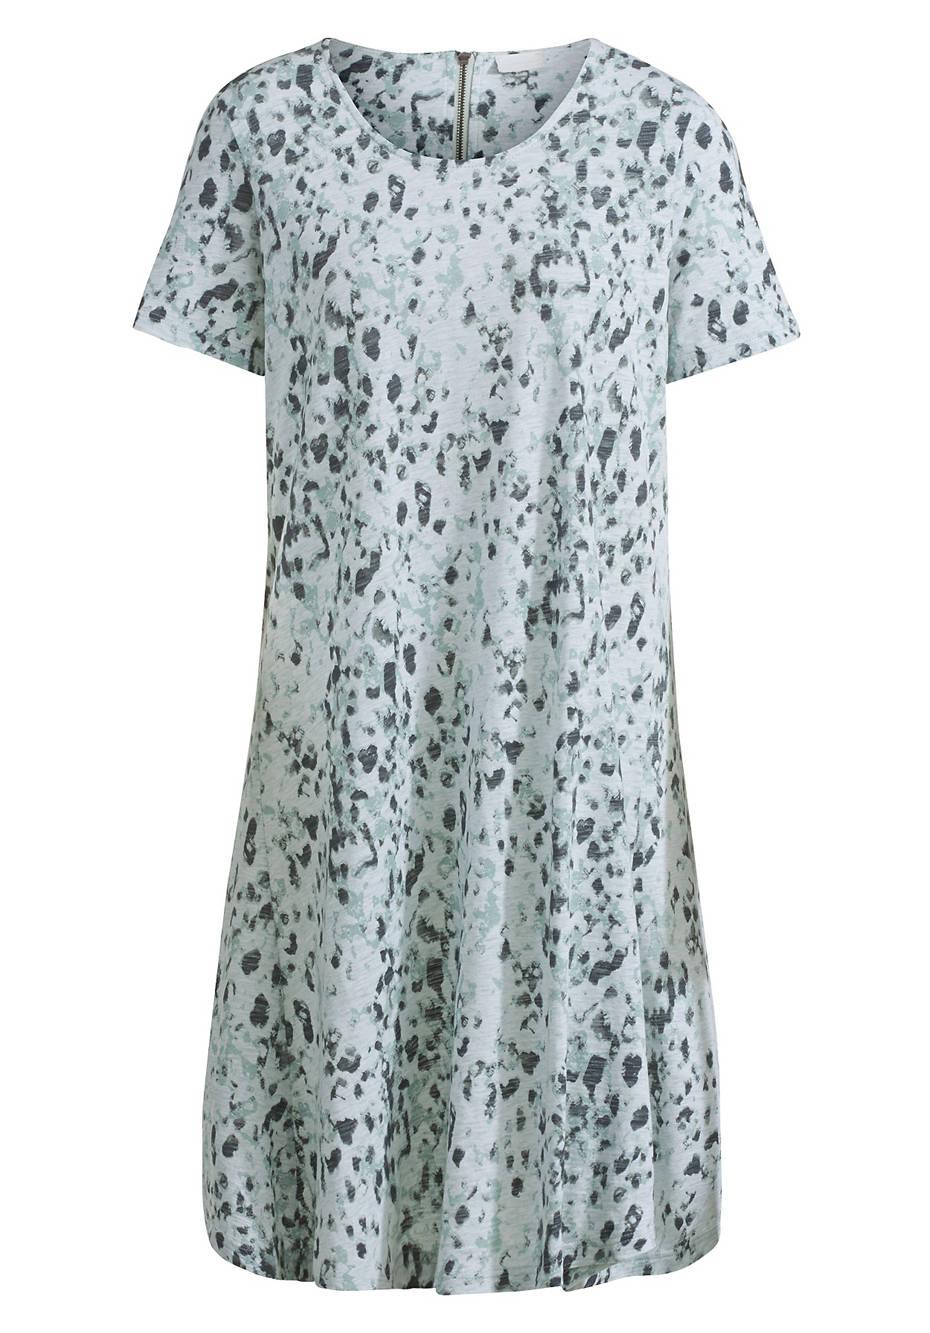 Bedrucktes Jersey-Kleid aus reiner Bio-Baumwolle